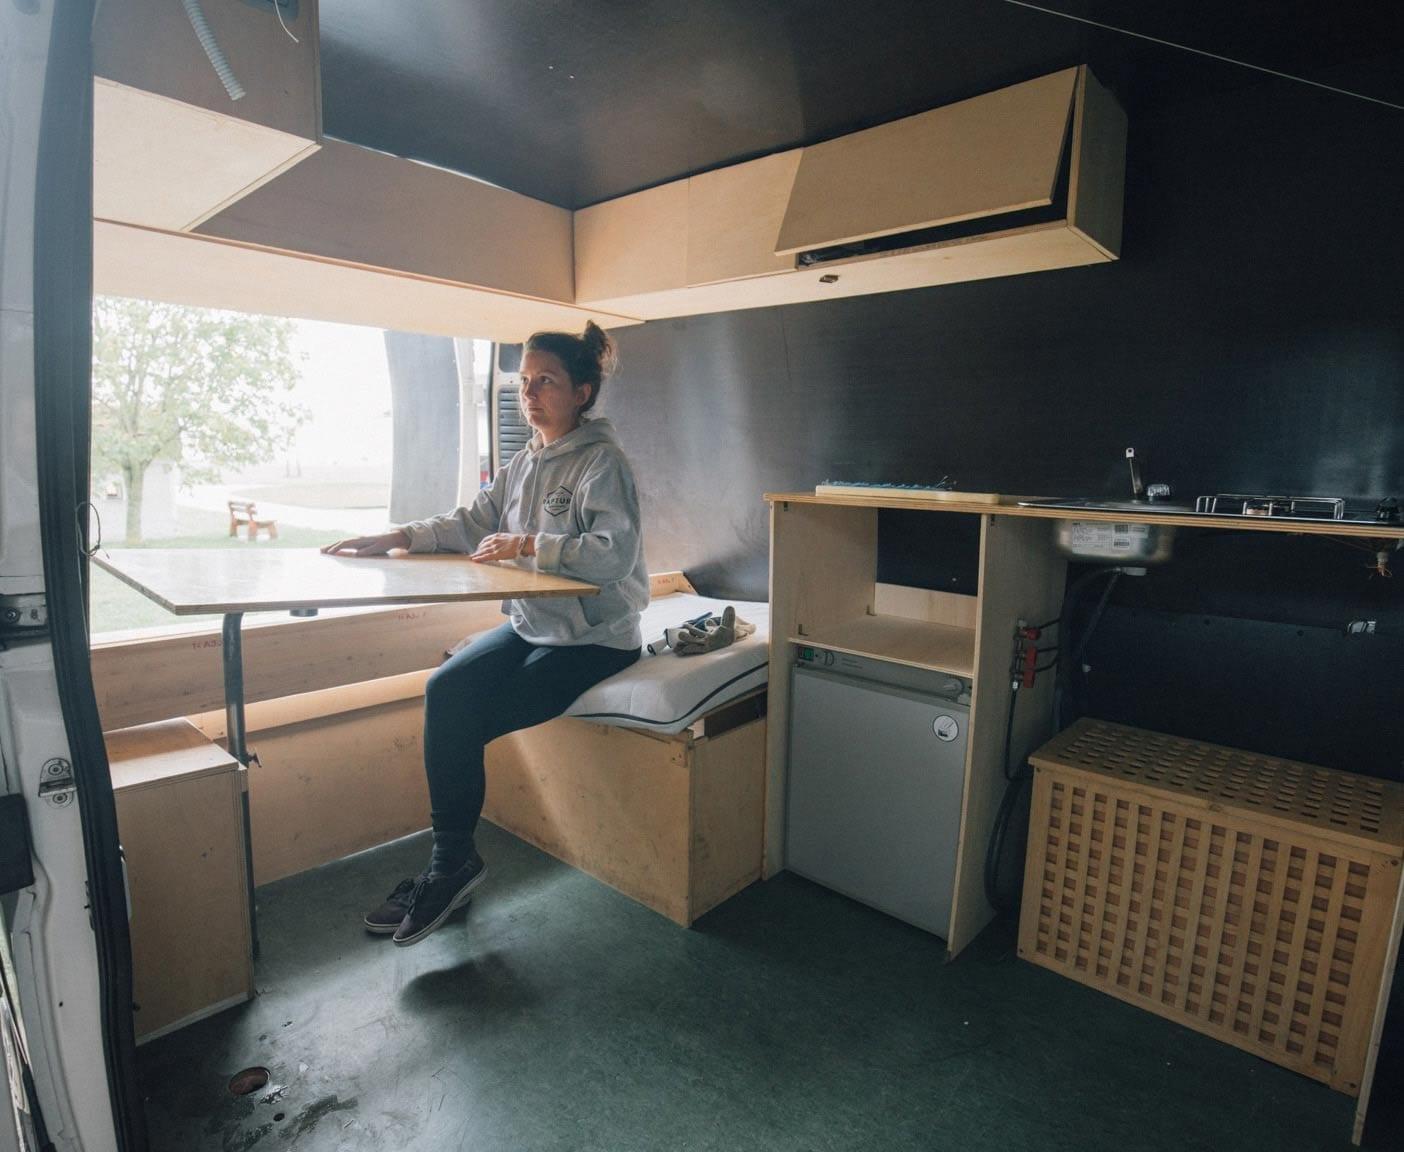 Citroen-Jumper-van-kombi-camper-innenausbau-selbstgemacht-kueche